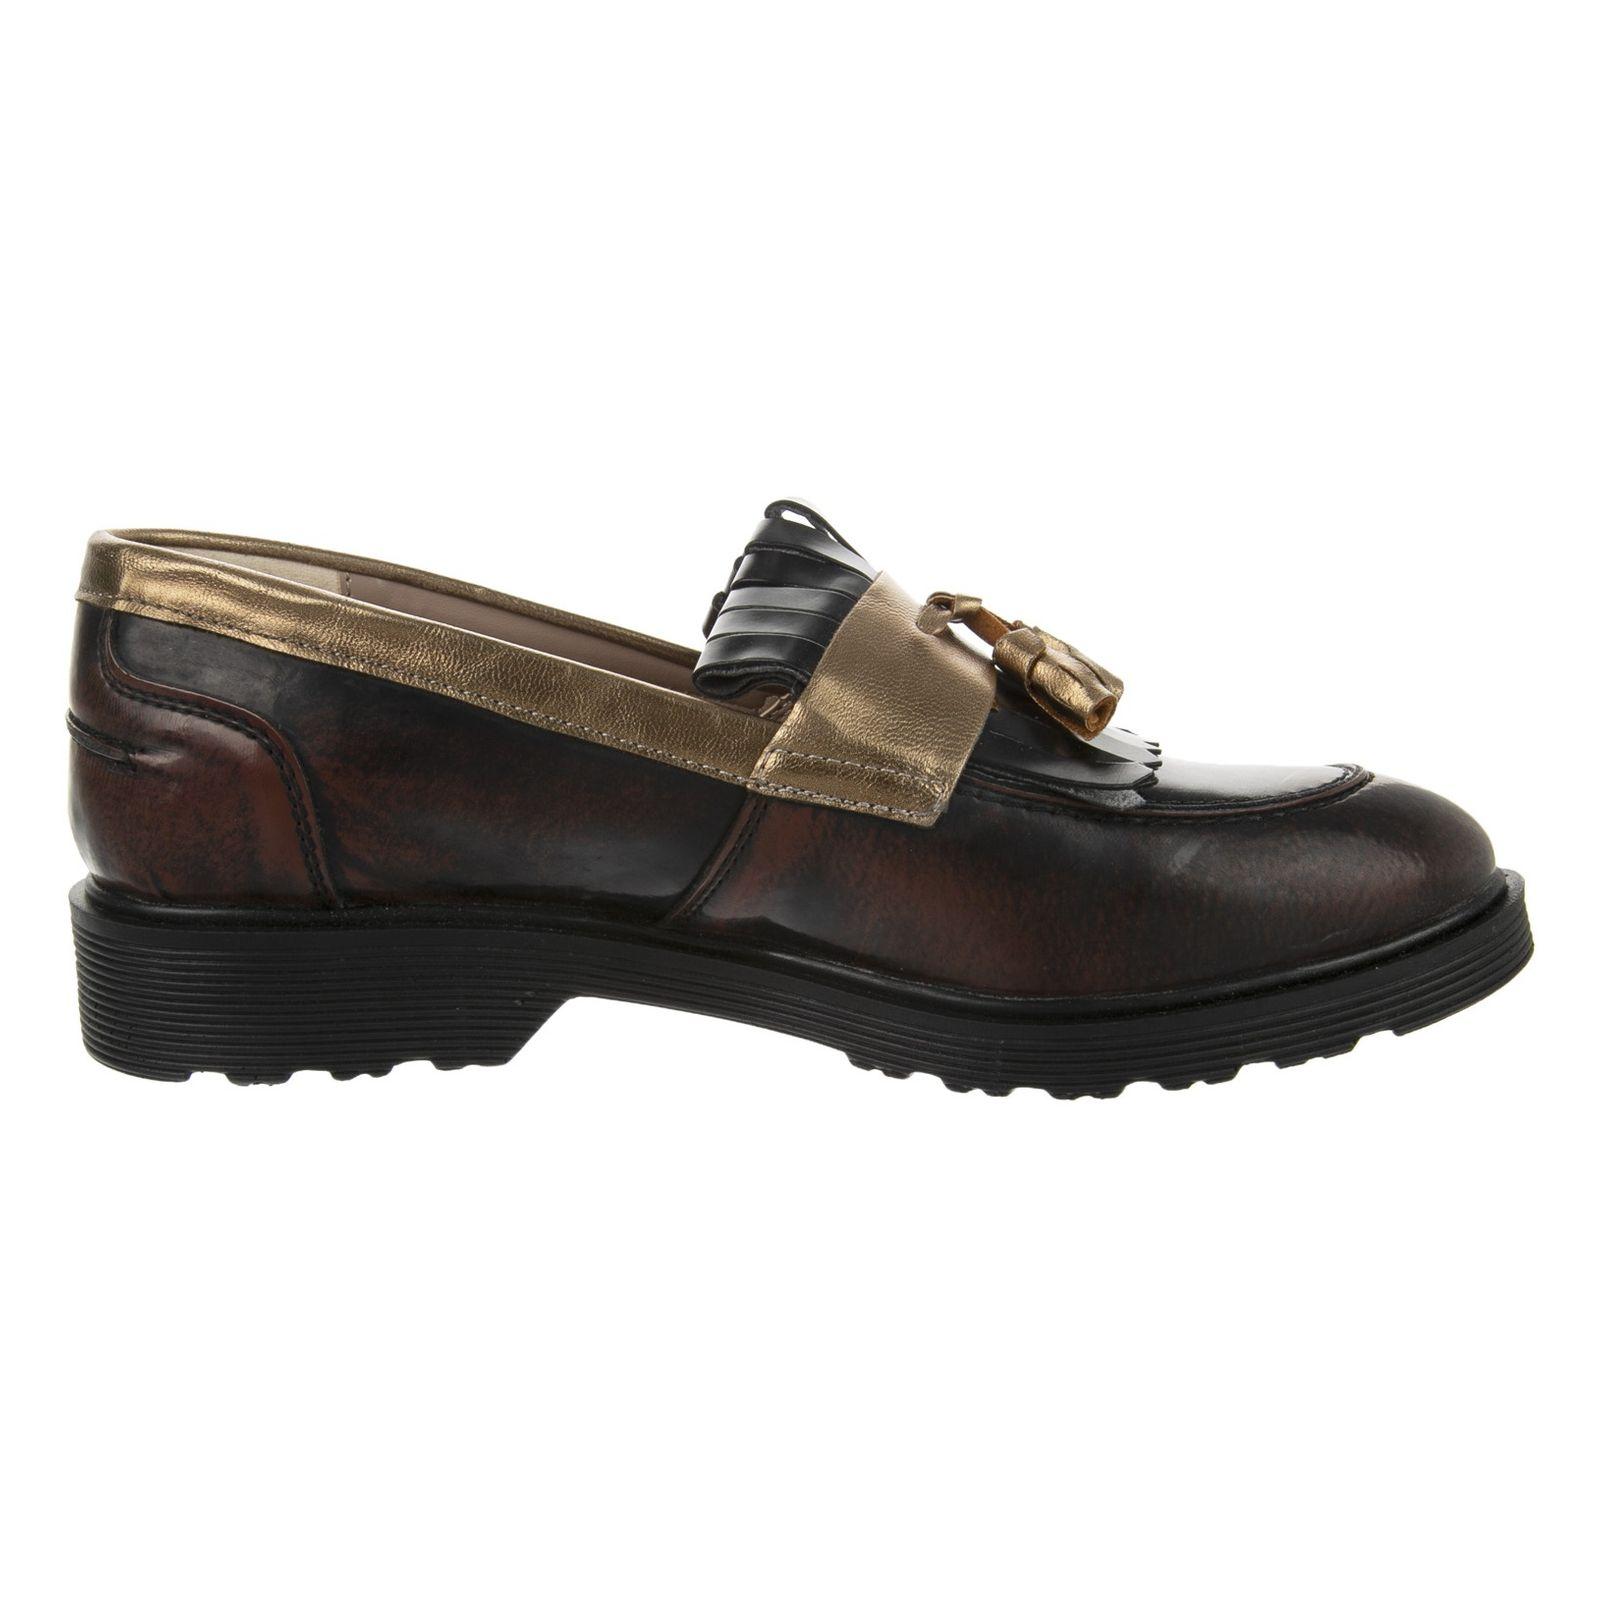 کفش زنانه بوتیگو مدل 100229509-Bu -  - 4